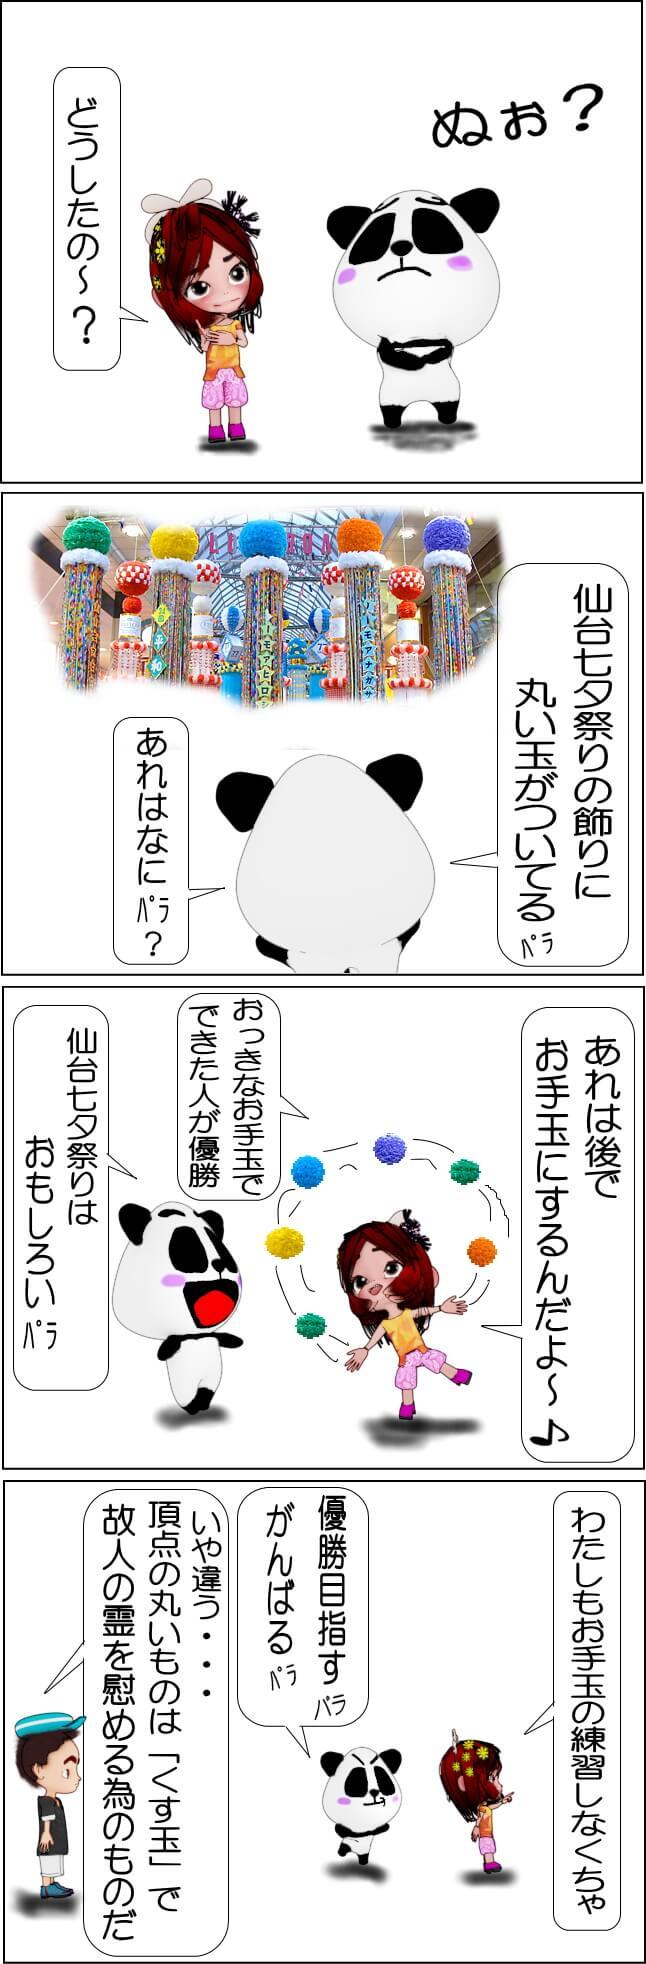 仙台七夕祭りの飾りが凄い!「4コマ漫画」